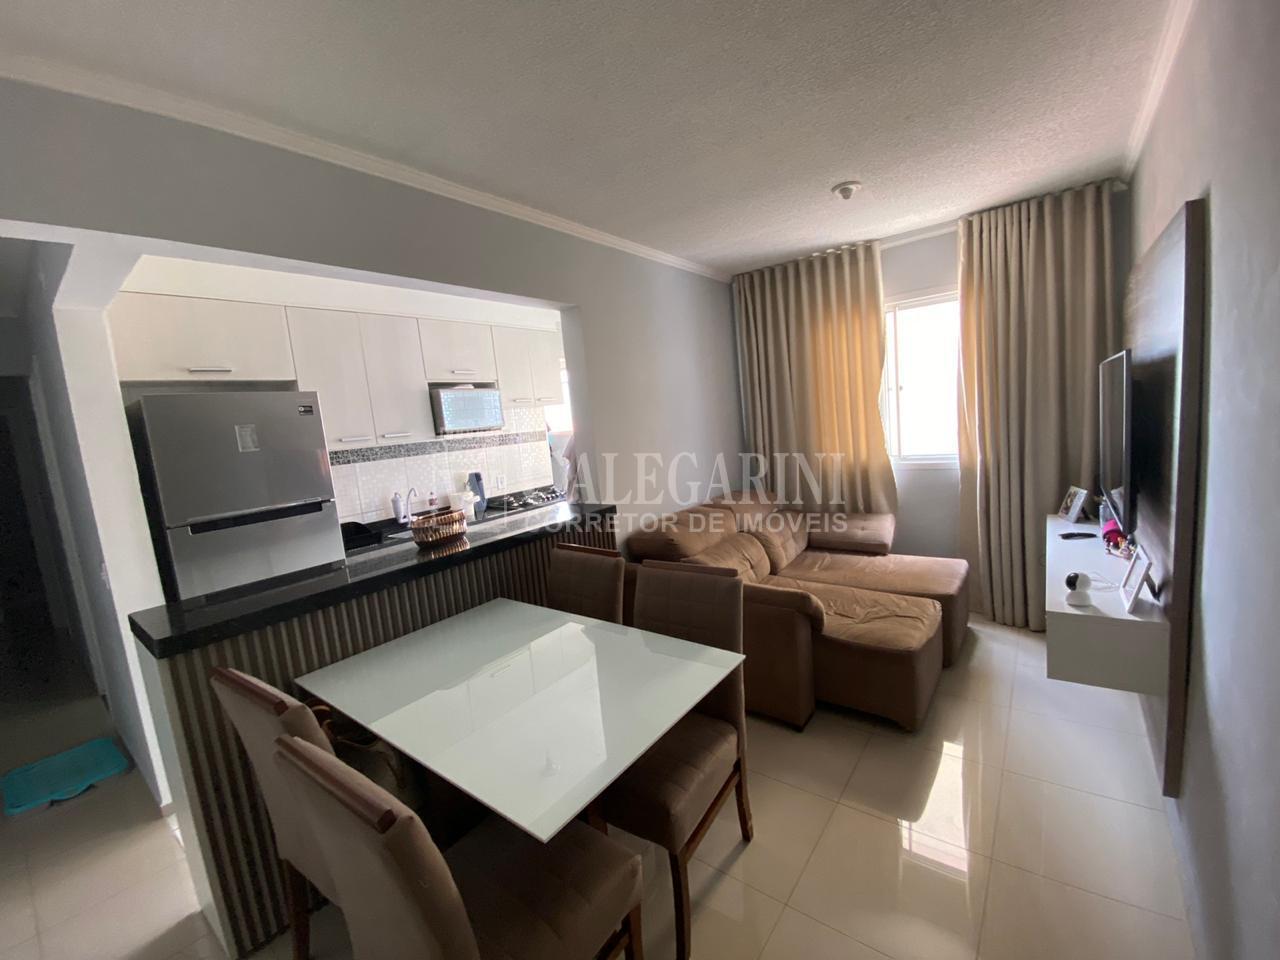 Apartamento à venda, Residencial Jundiaí, JUNDIAI - SP